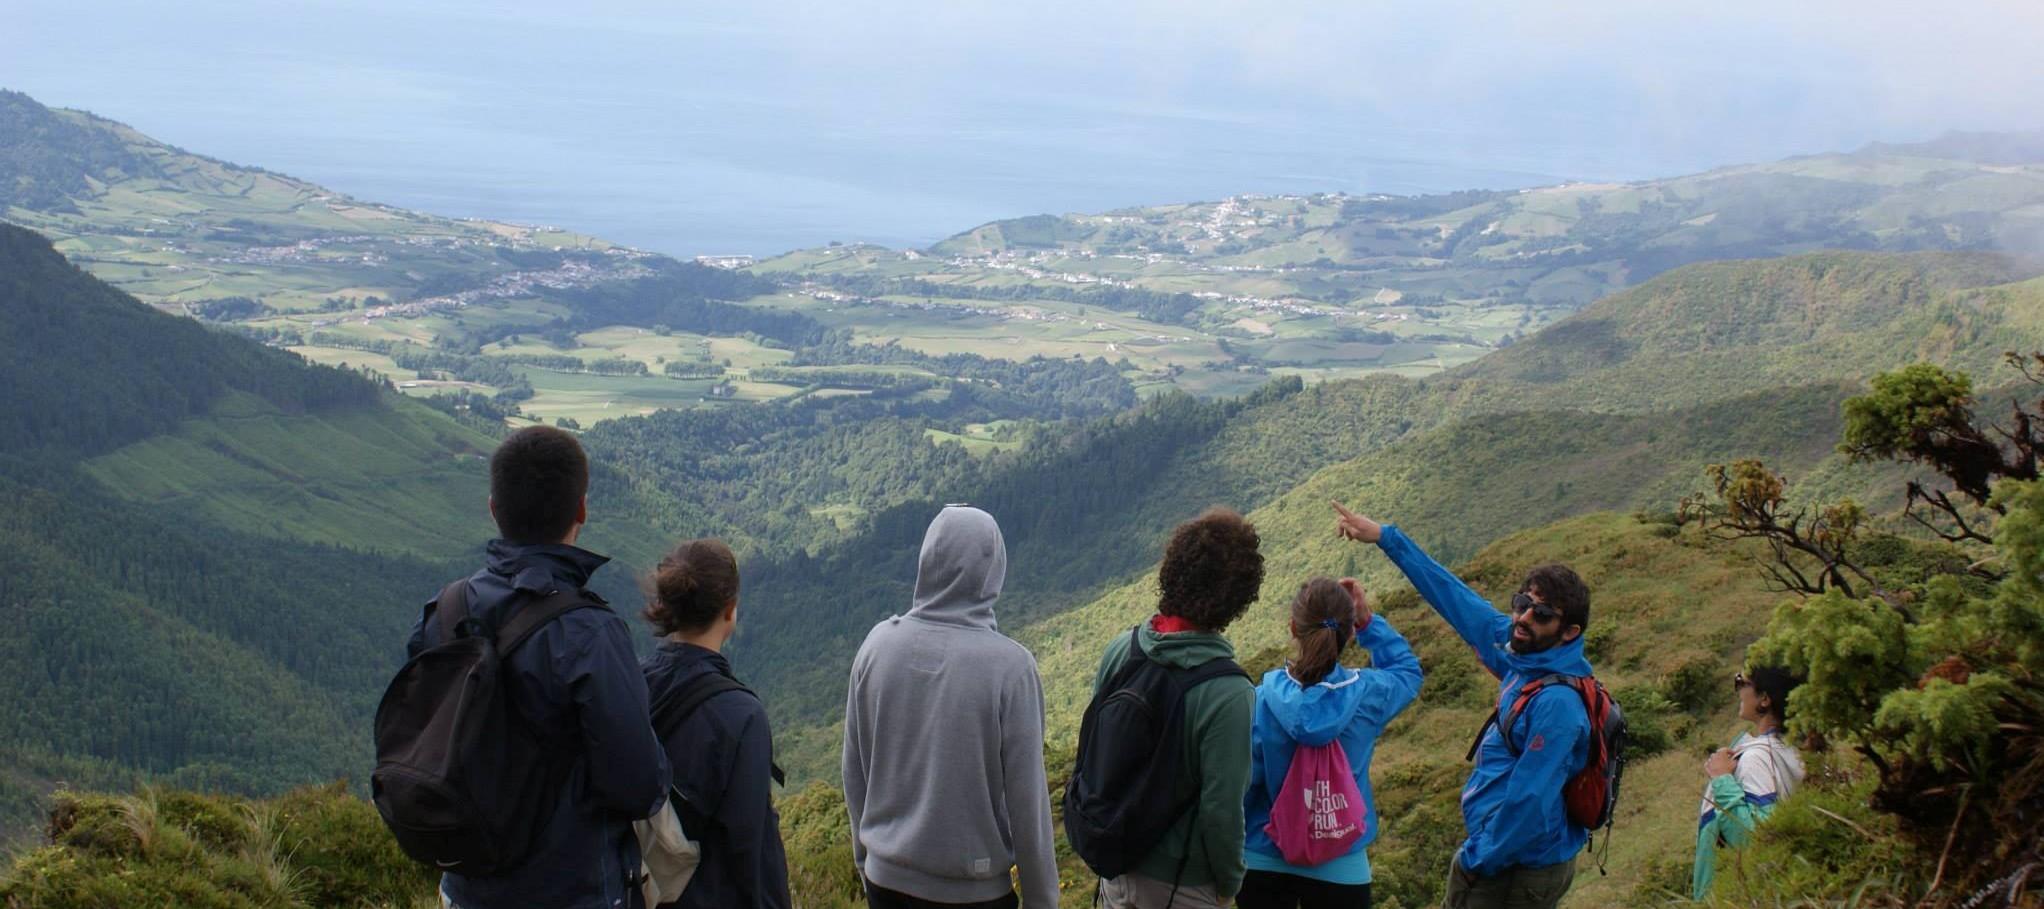 Pico da Vara, São Miguel - Açores